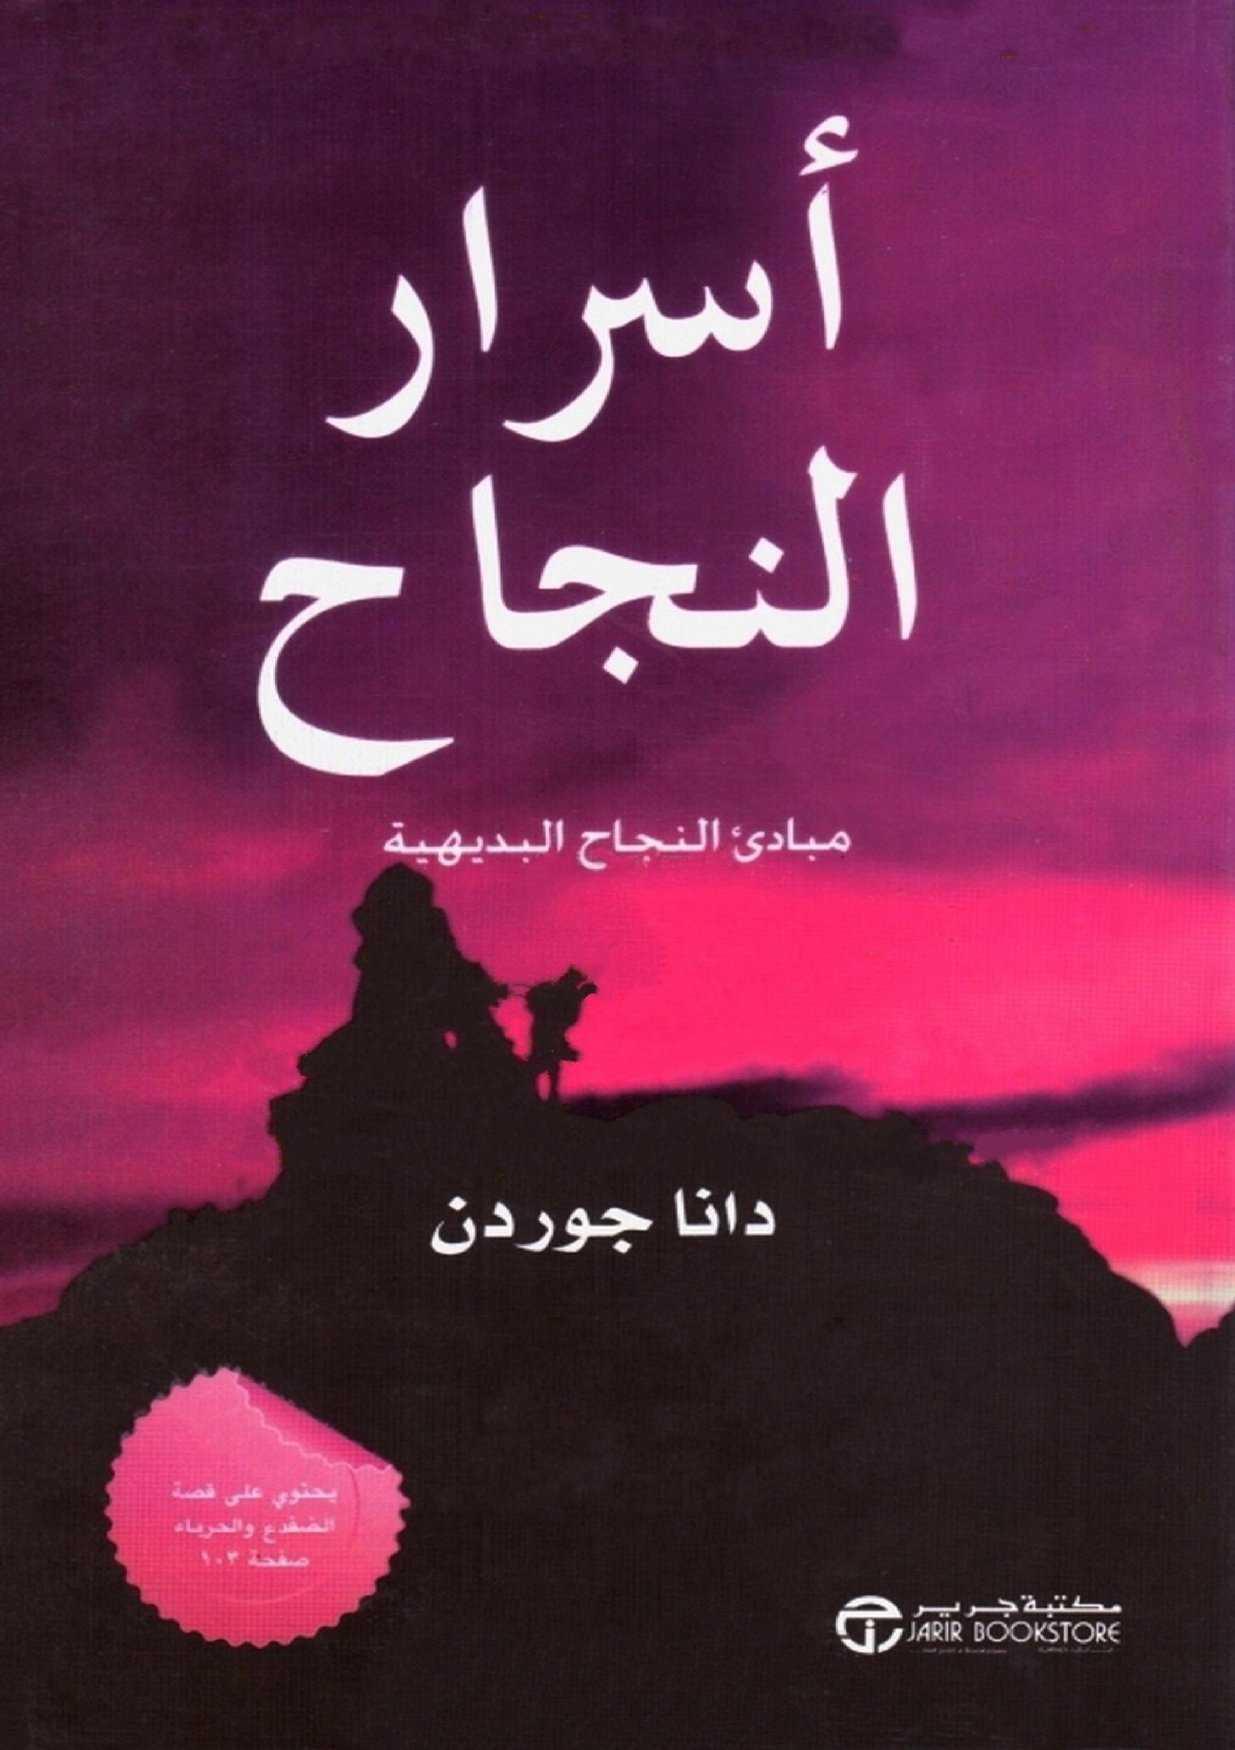 كتاب اسرار النجاح دانا جوردن pdf